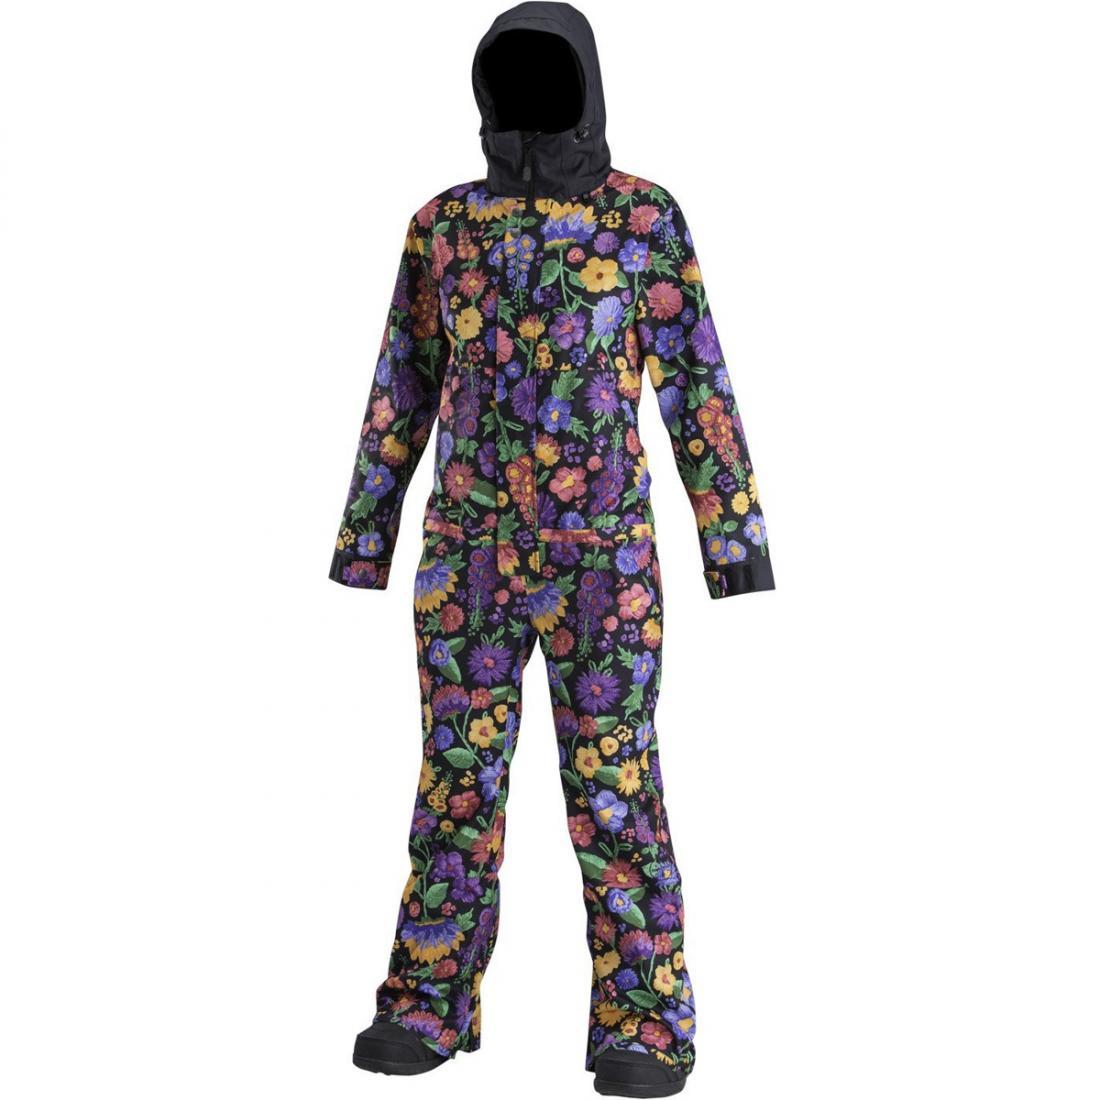 Сноубордический комбинезон Airblaster Women's Freedom Suit купить в Boardshop №1